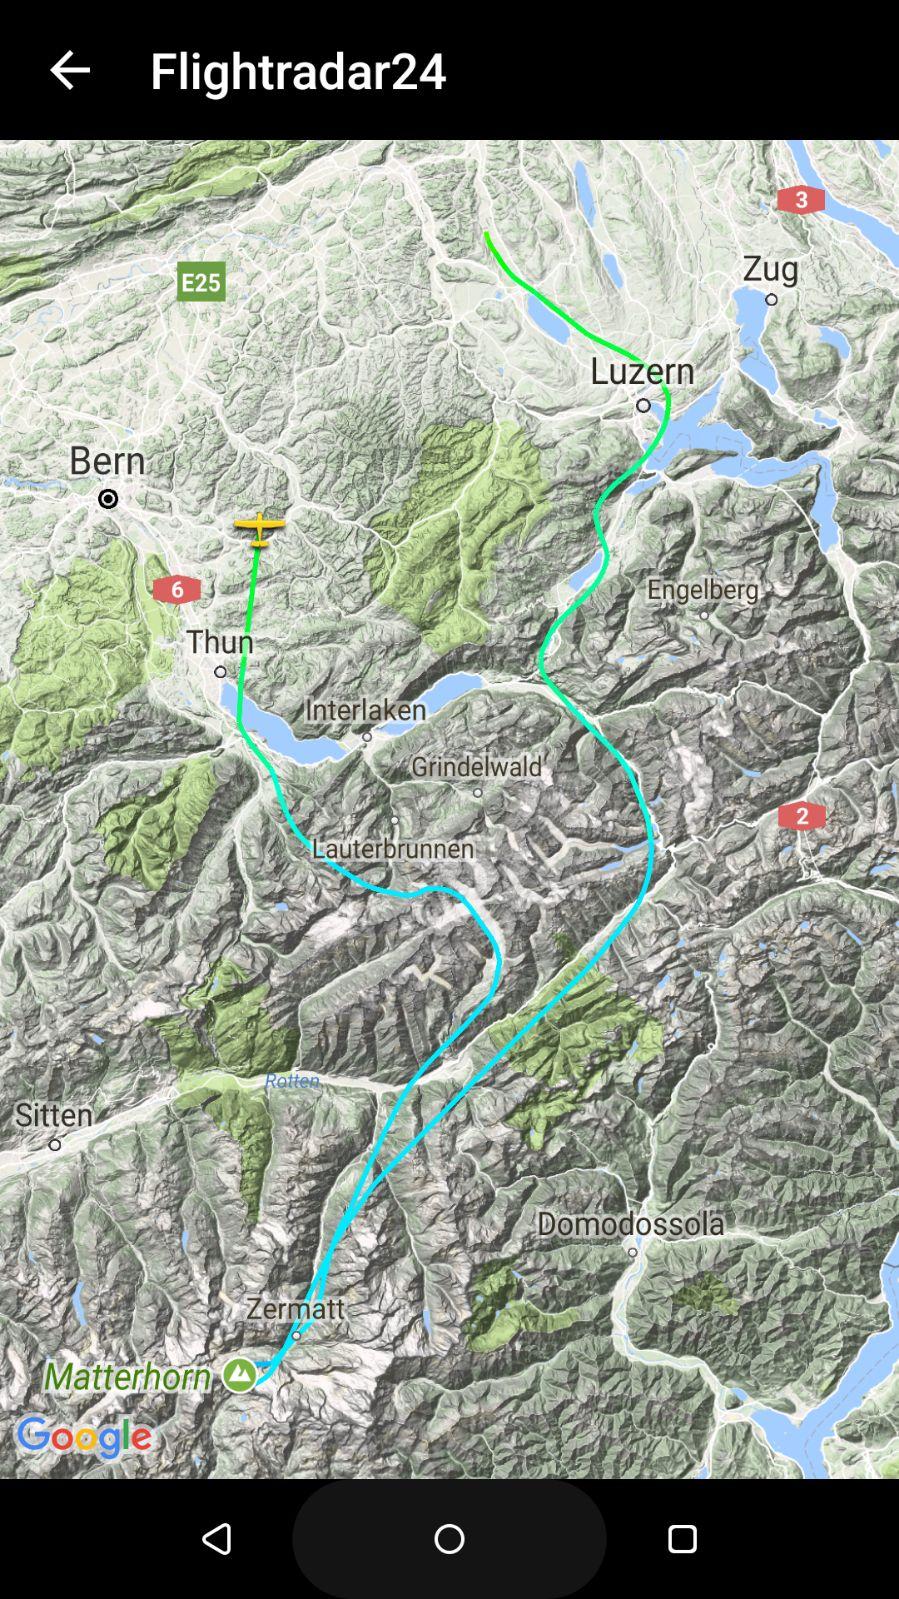 Flightradar Track Matterhorn